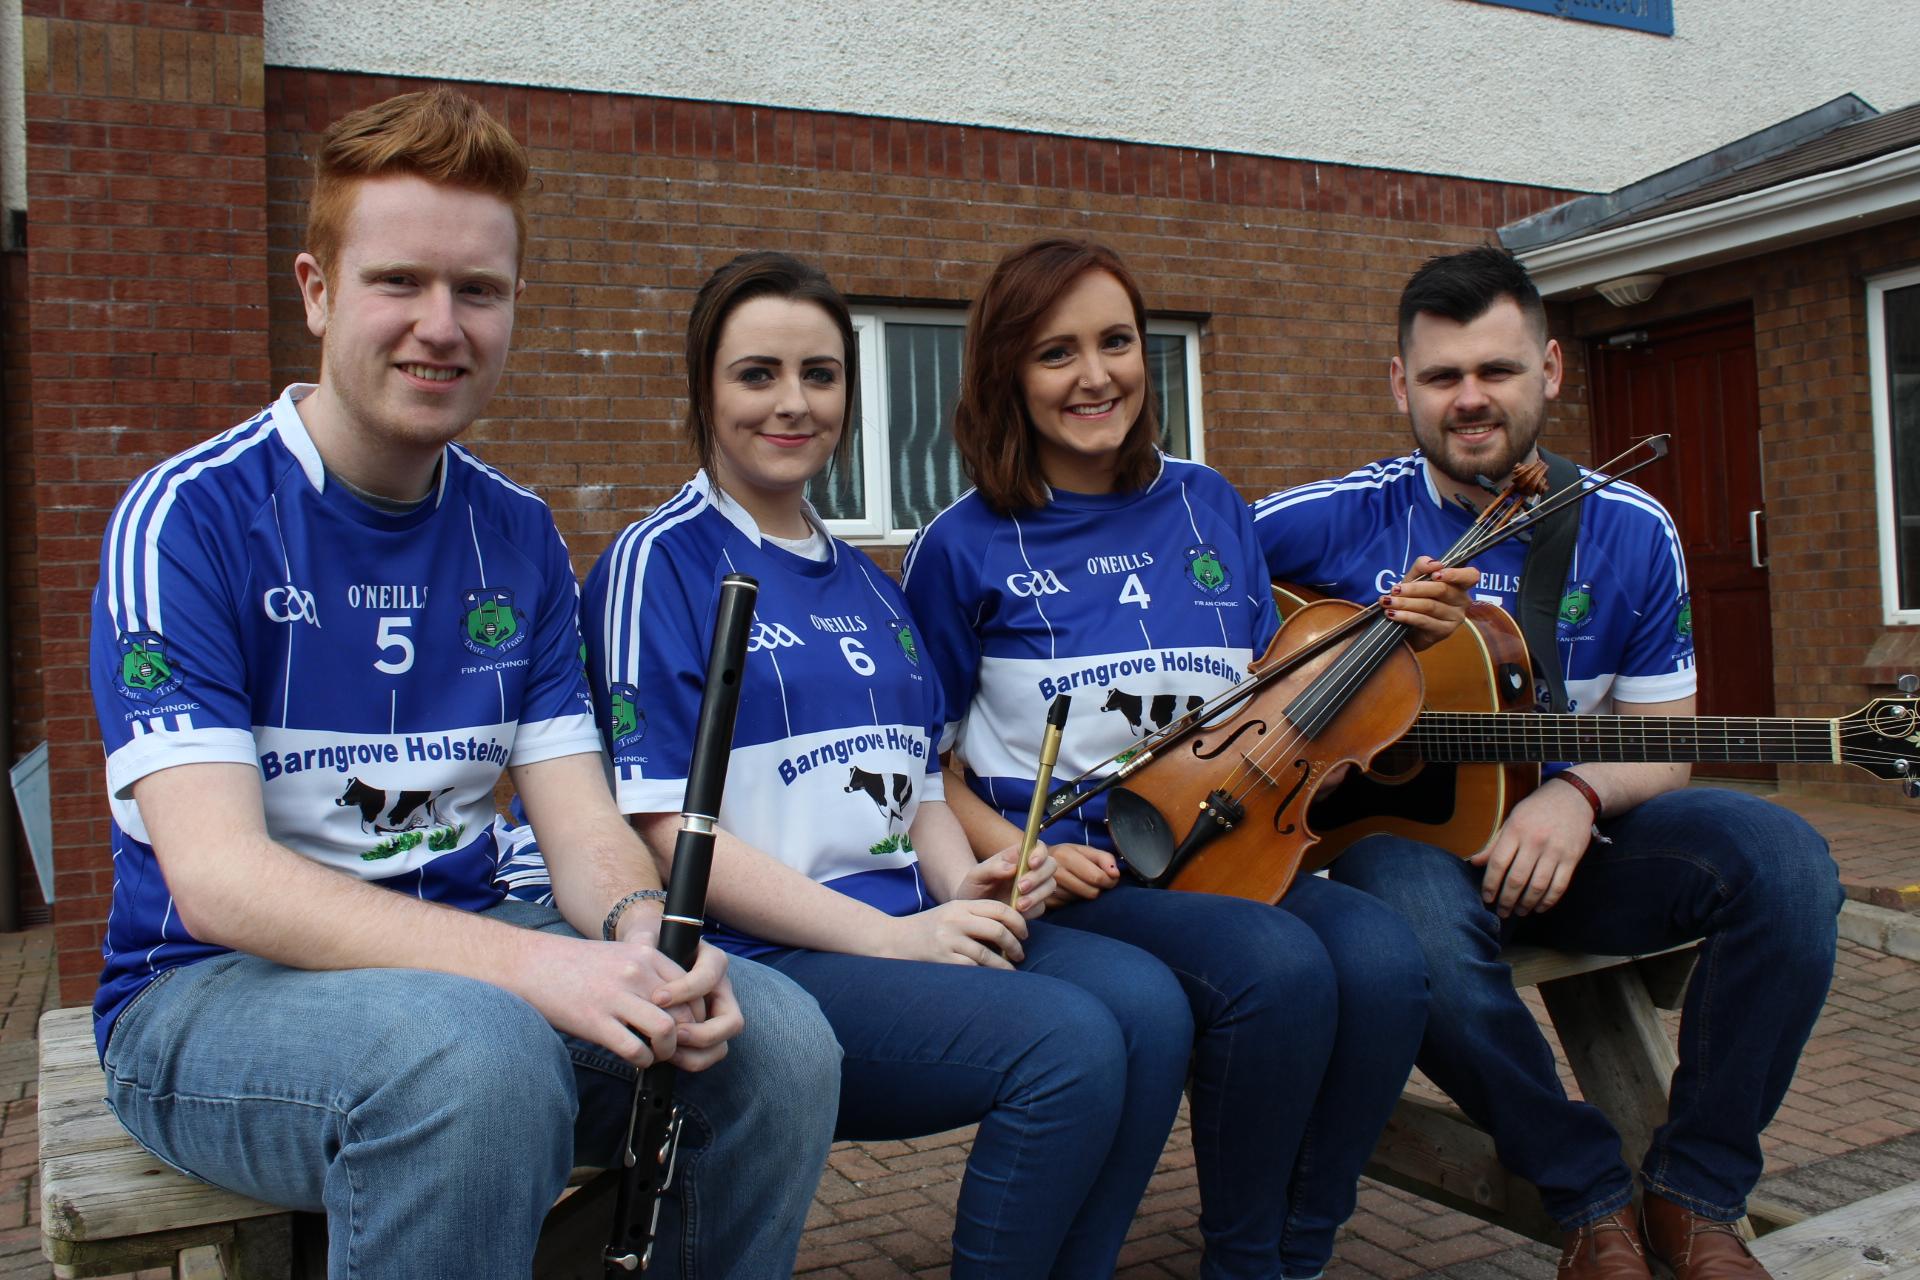 Comhghairdeas Derrytresk, All Ireland Scór Sinsear Ceol Uirlise Champions!